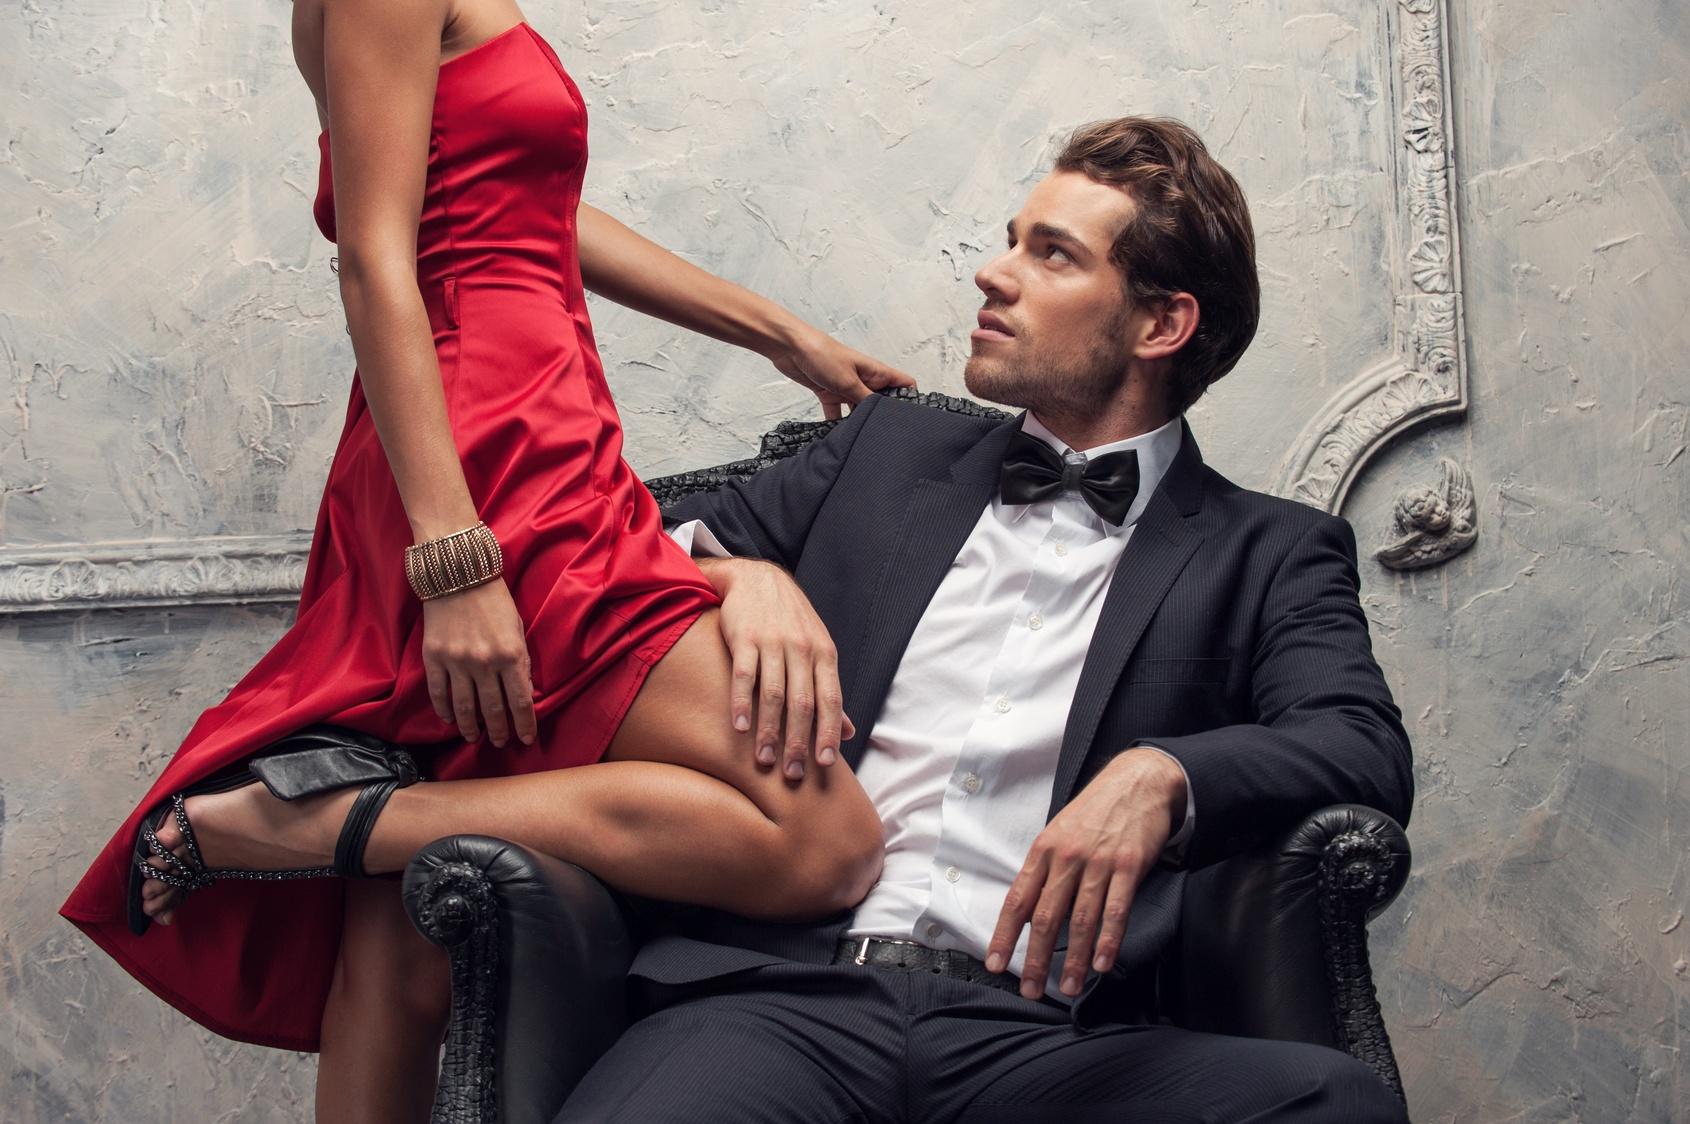 Что надо делать, чтобы понравиться мужчине?